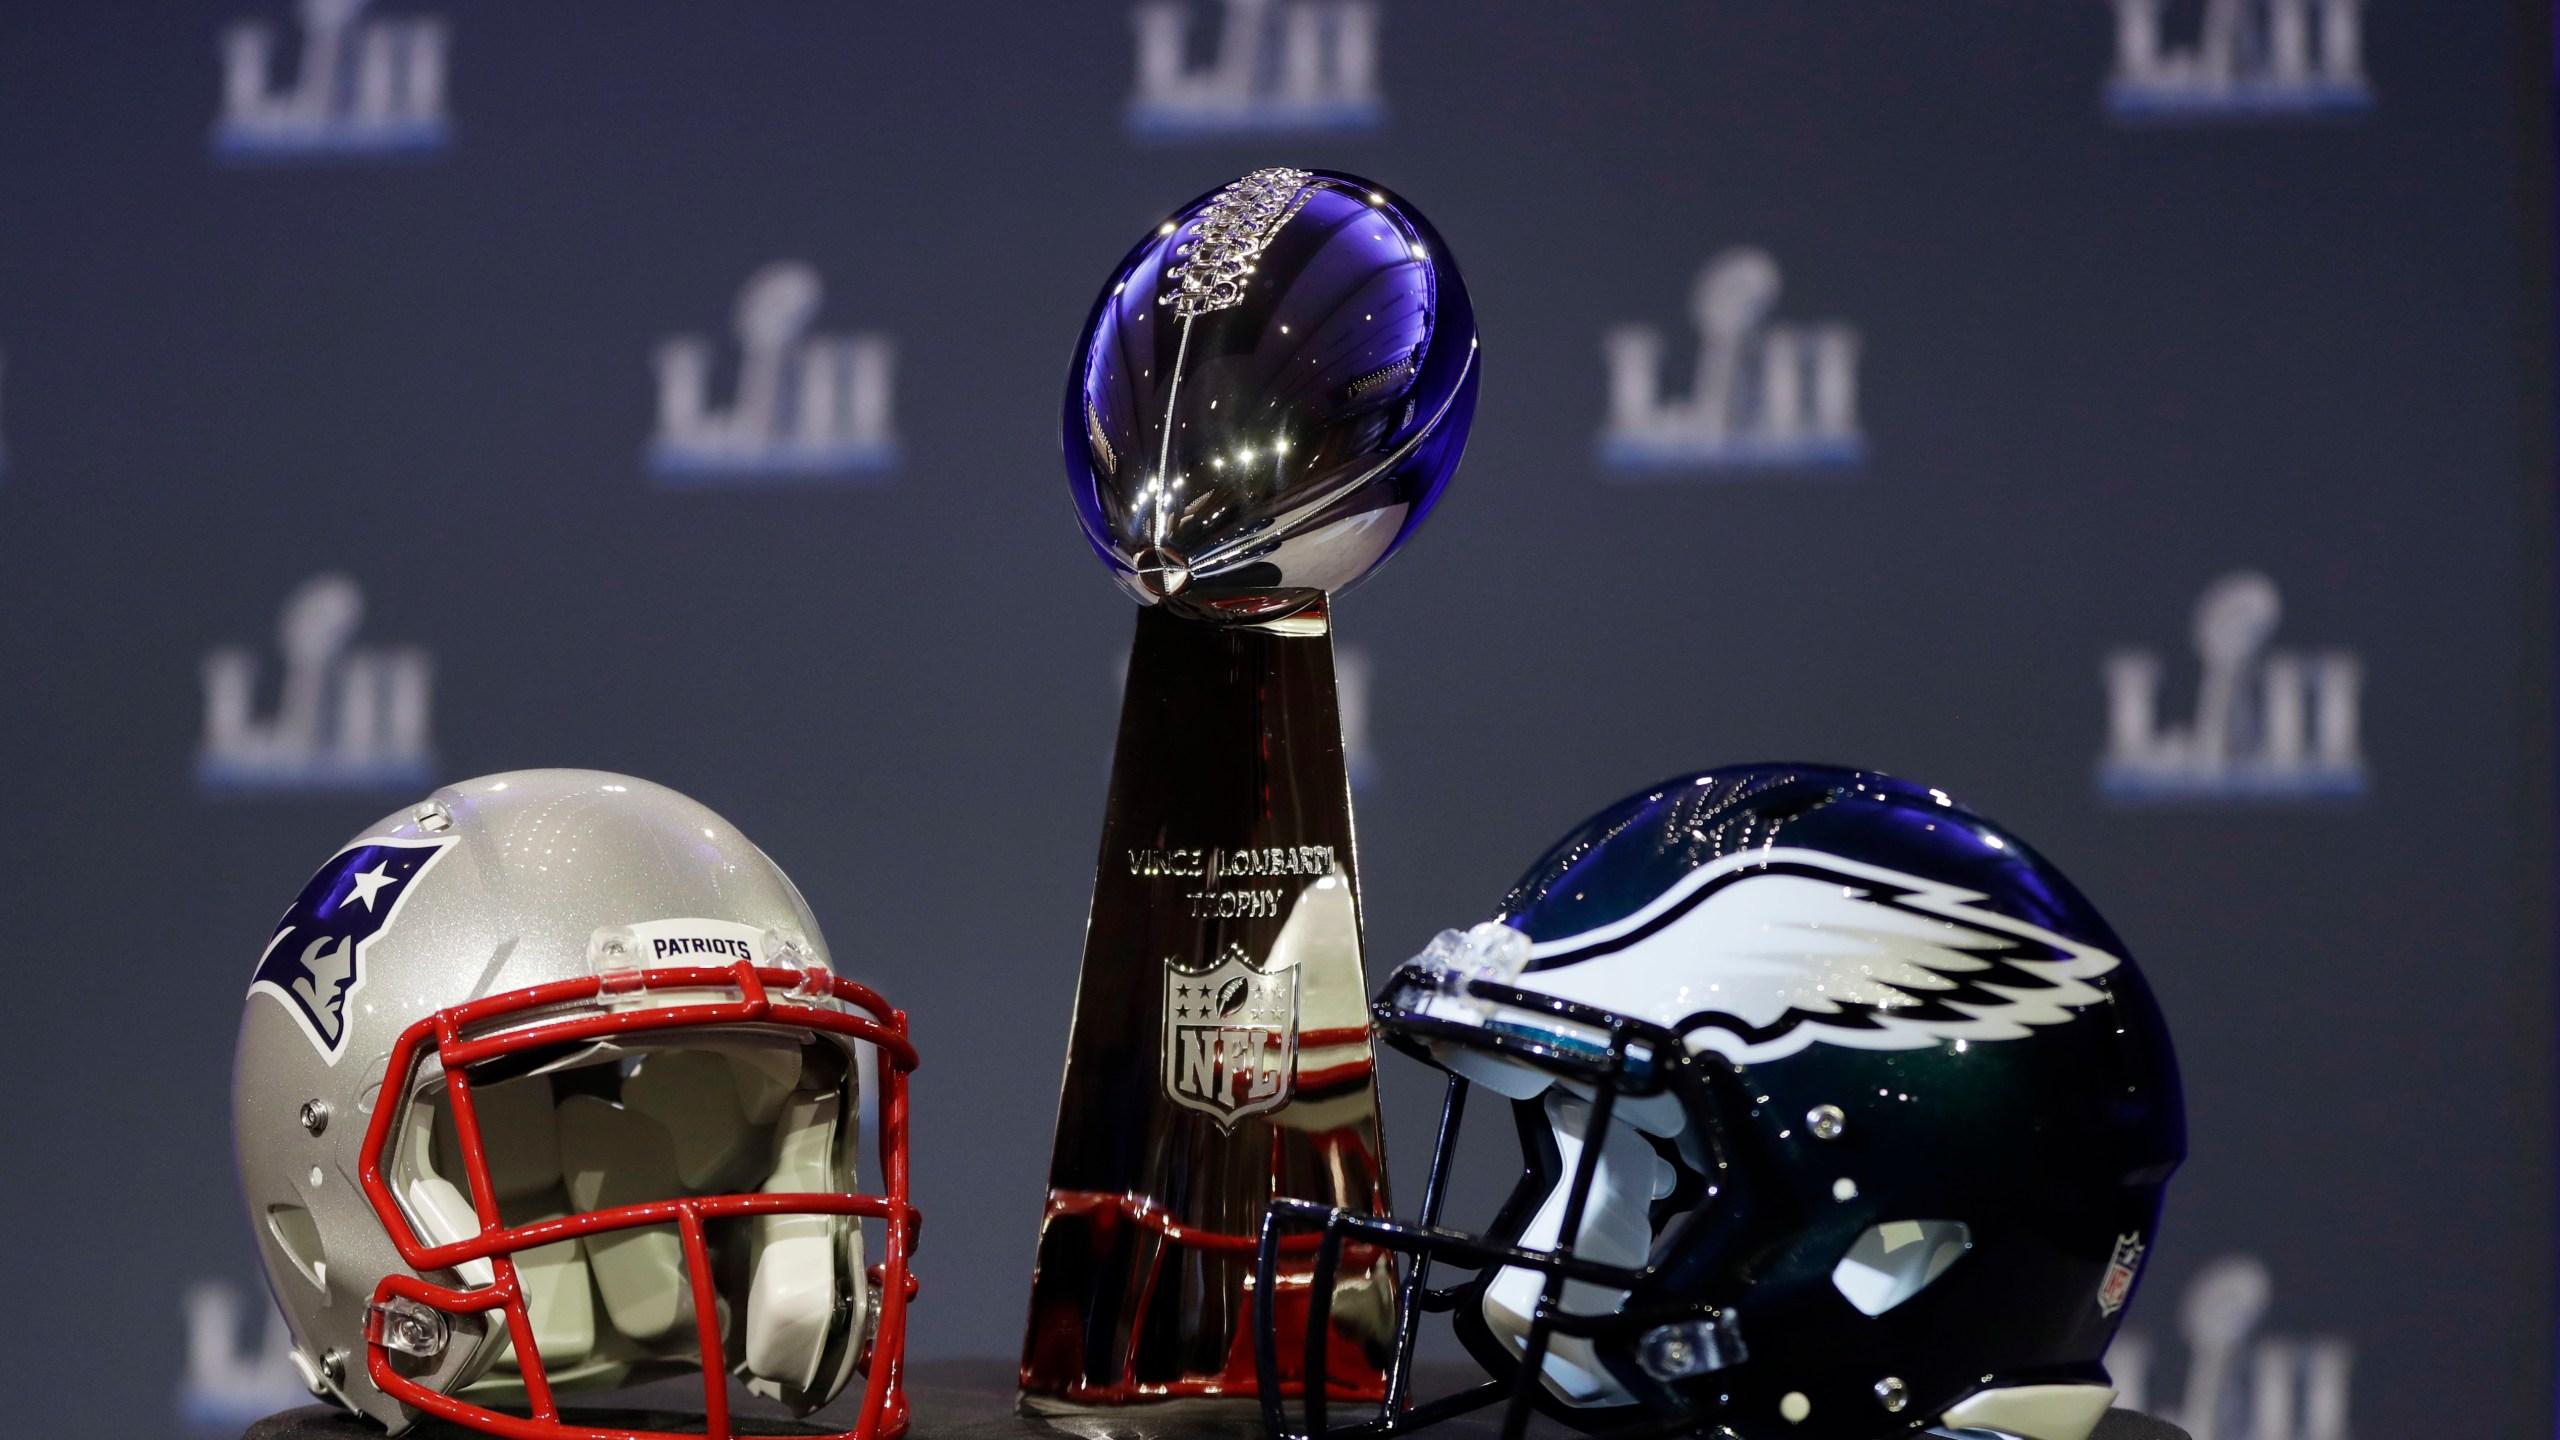 Eagles_Patriots_Super_Bowl_Football_29491-159532-159532.jpg41125096